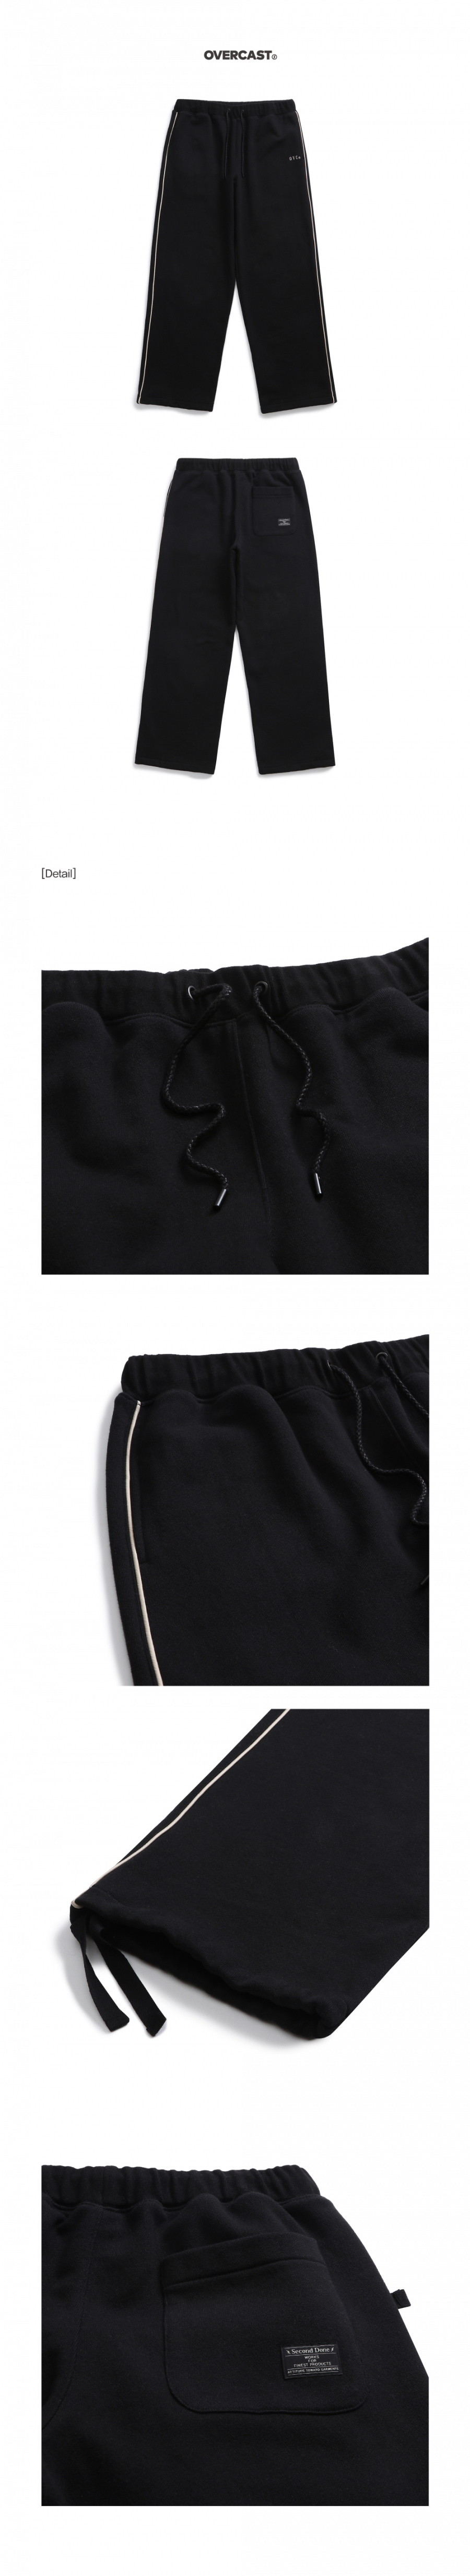 오버캐스트(OVERCAST) Open Bottom Sweatpants